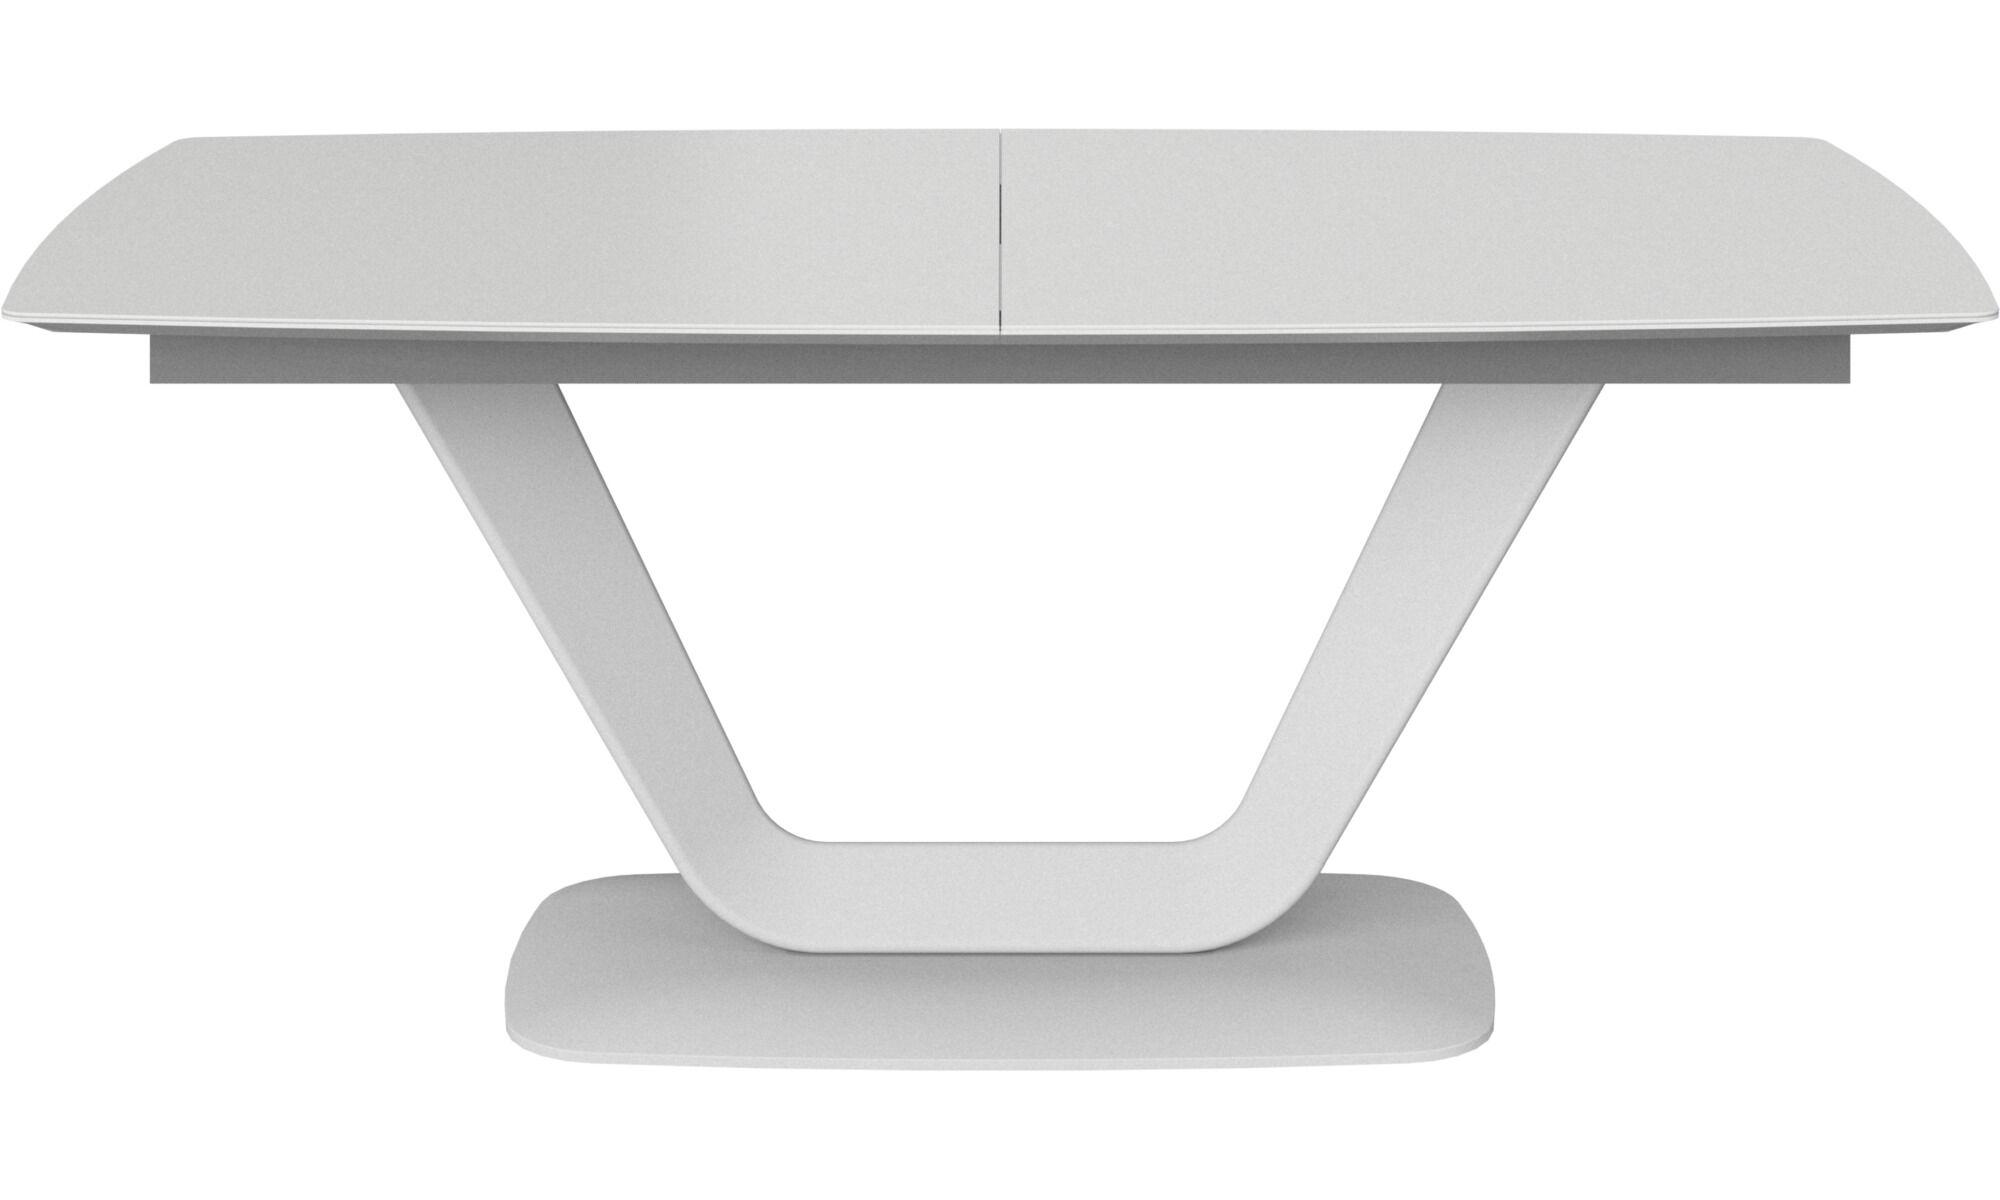 Tisch mit Säulenfuß | Produkt | Swedstyle